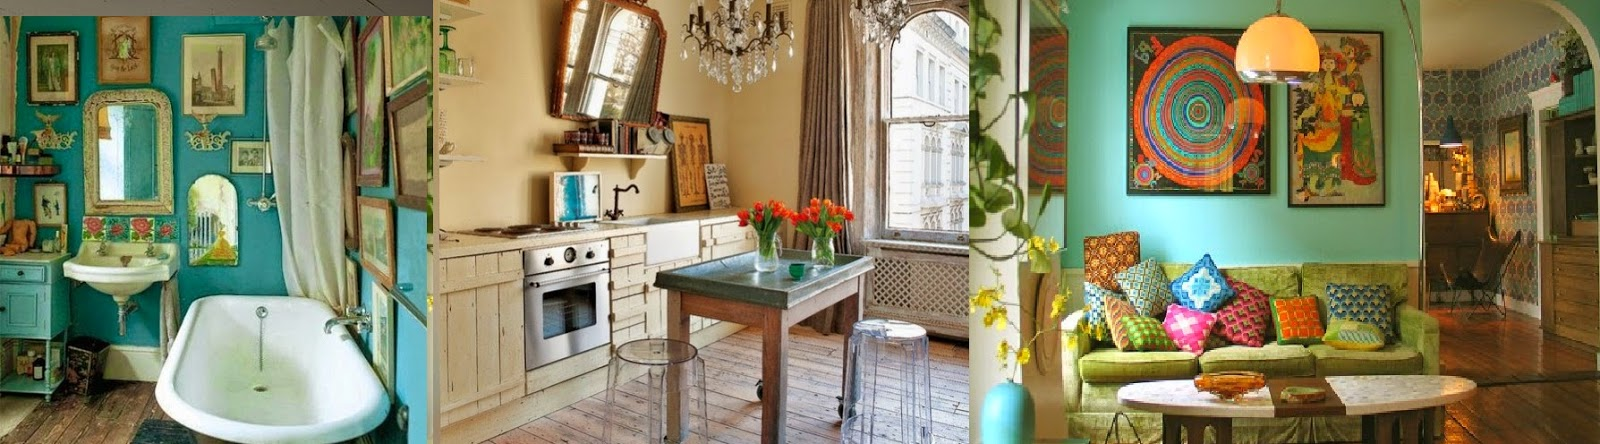 Decoraci n vintage casas ideas - Casas con estilo vintage ...